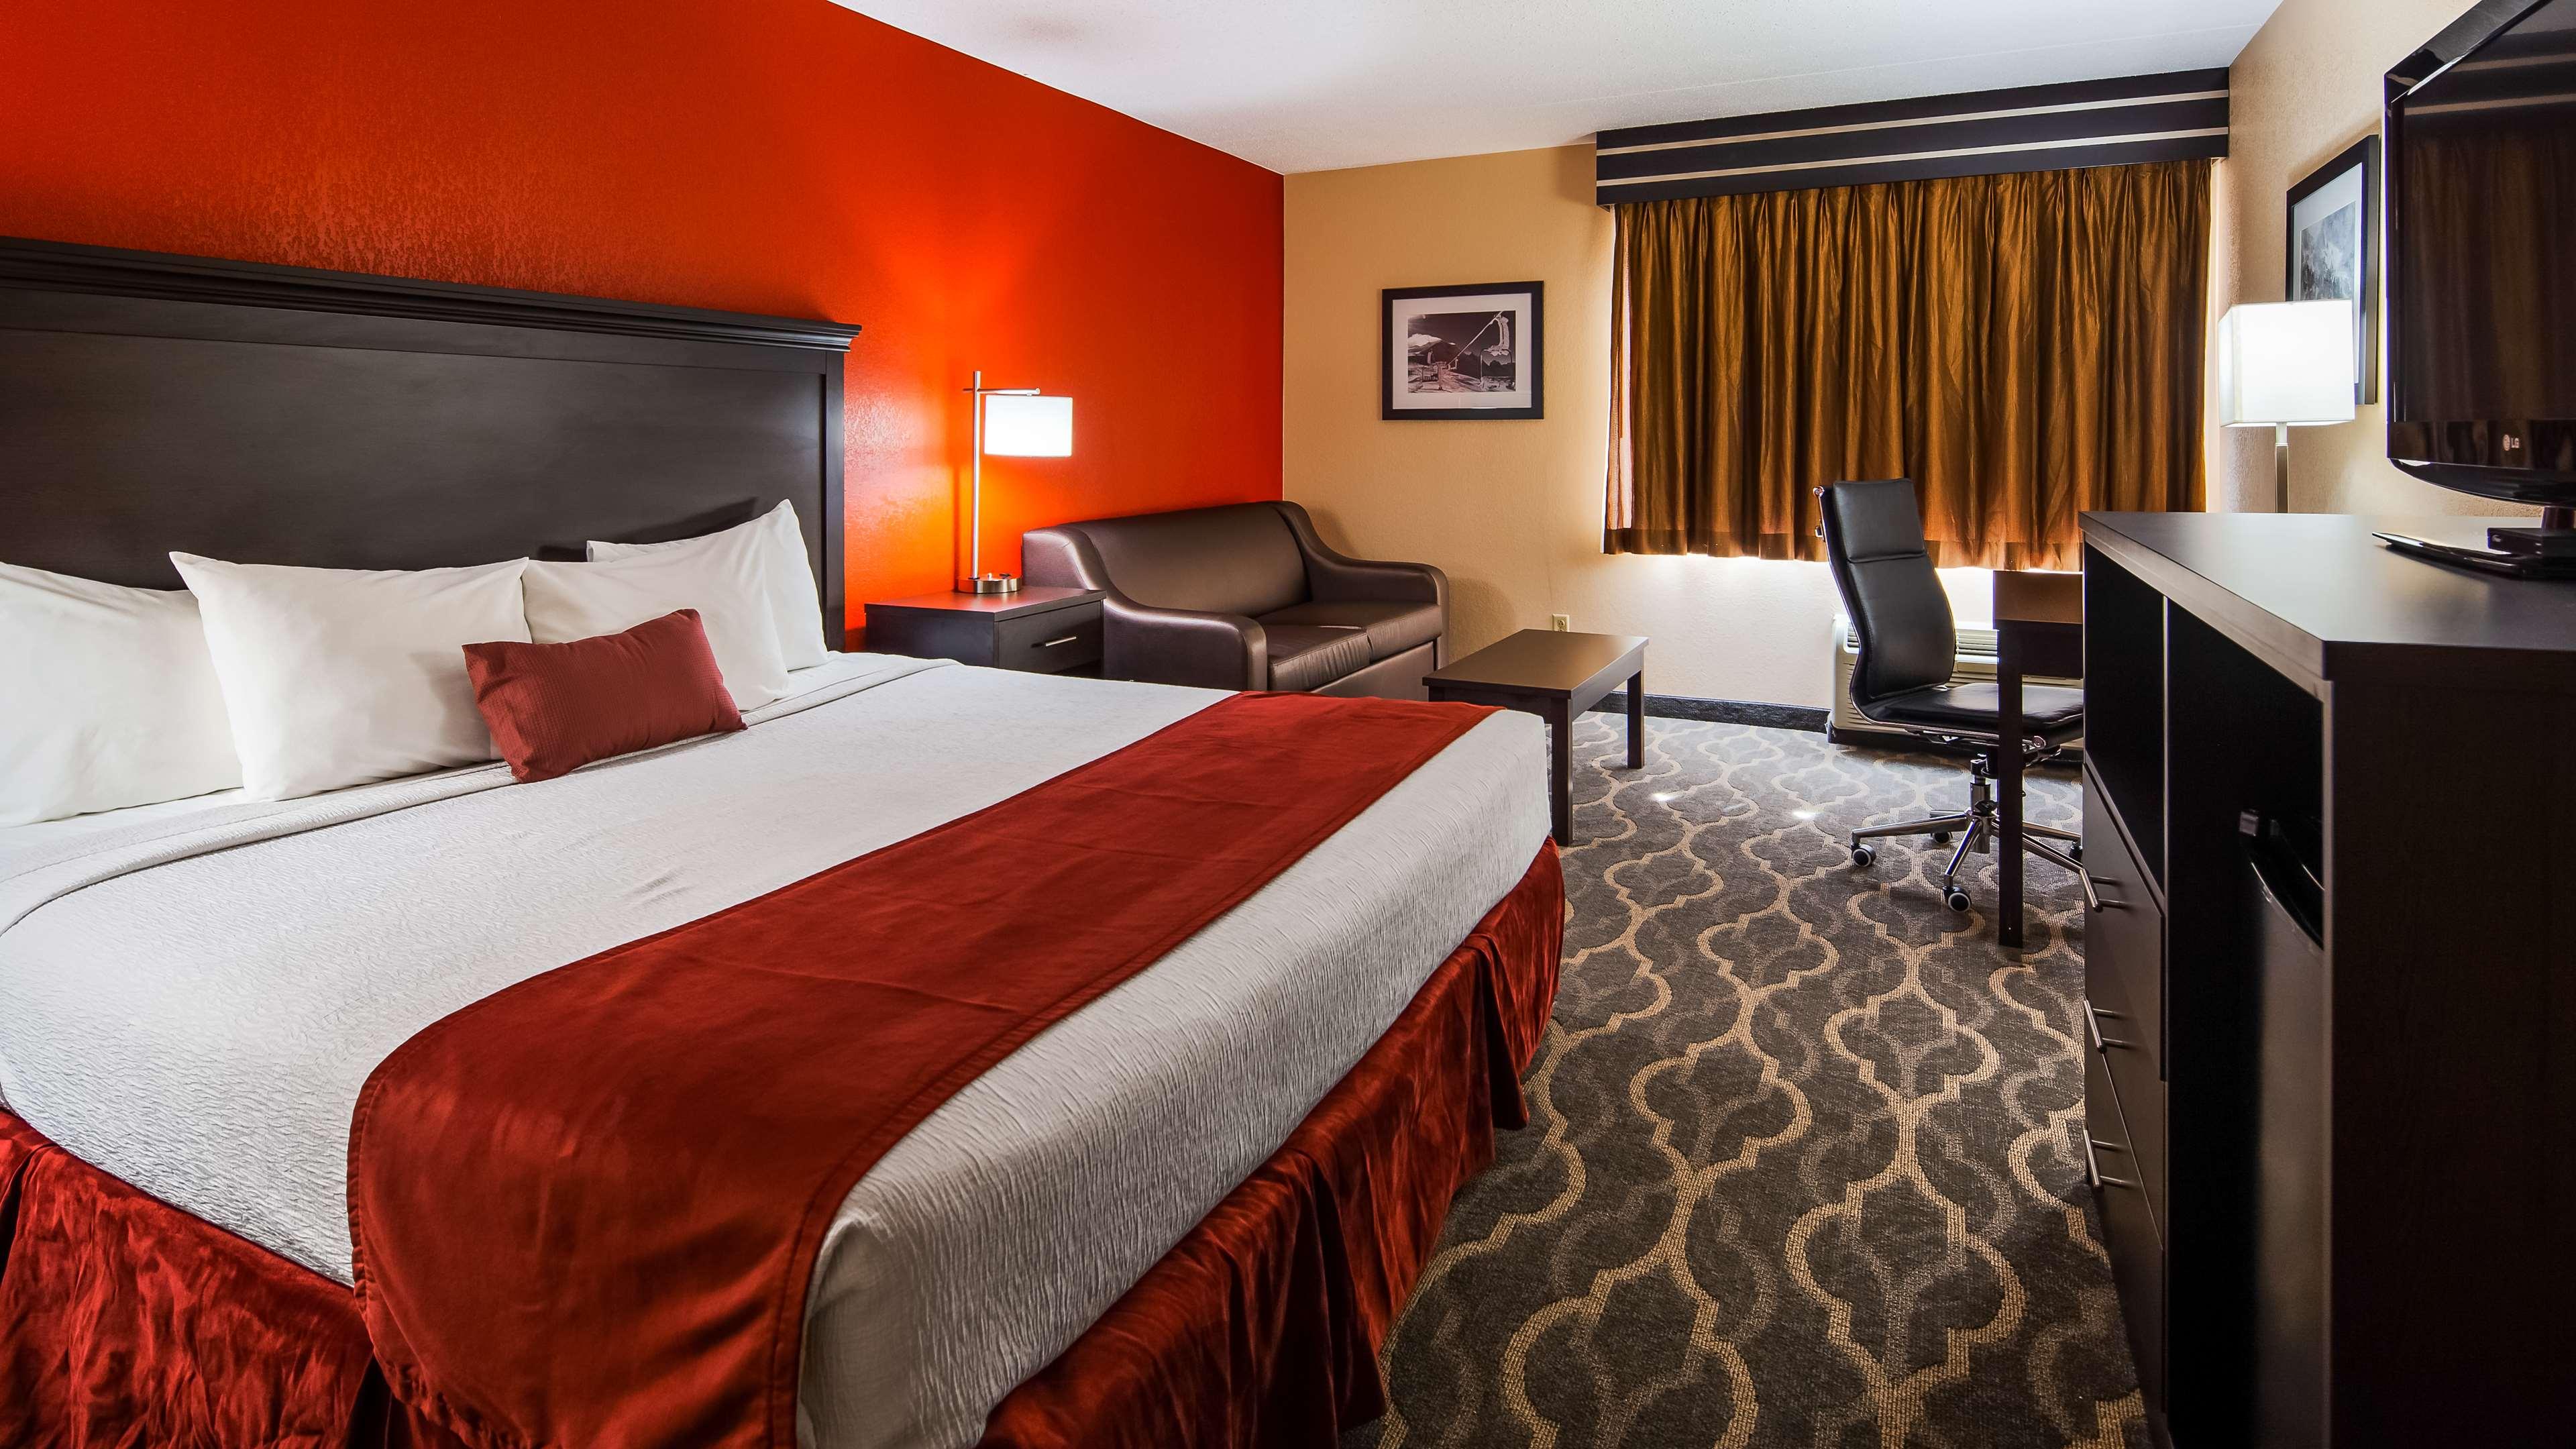 Best Western Inn at Blakeslee-Pocono image 11